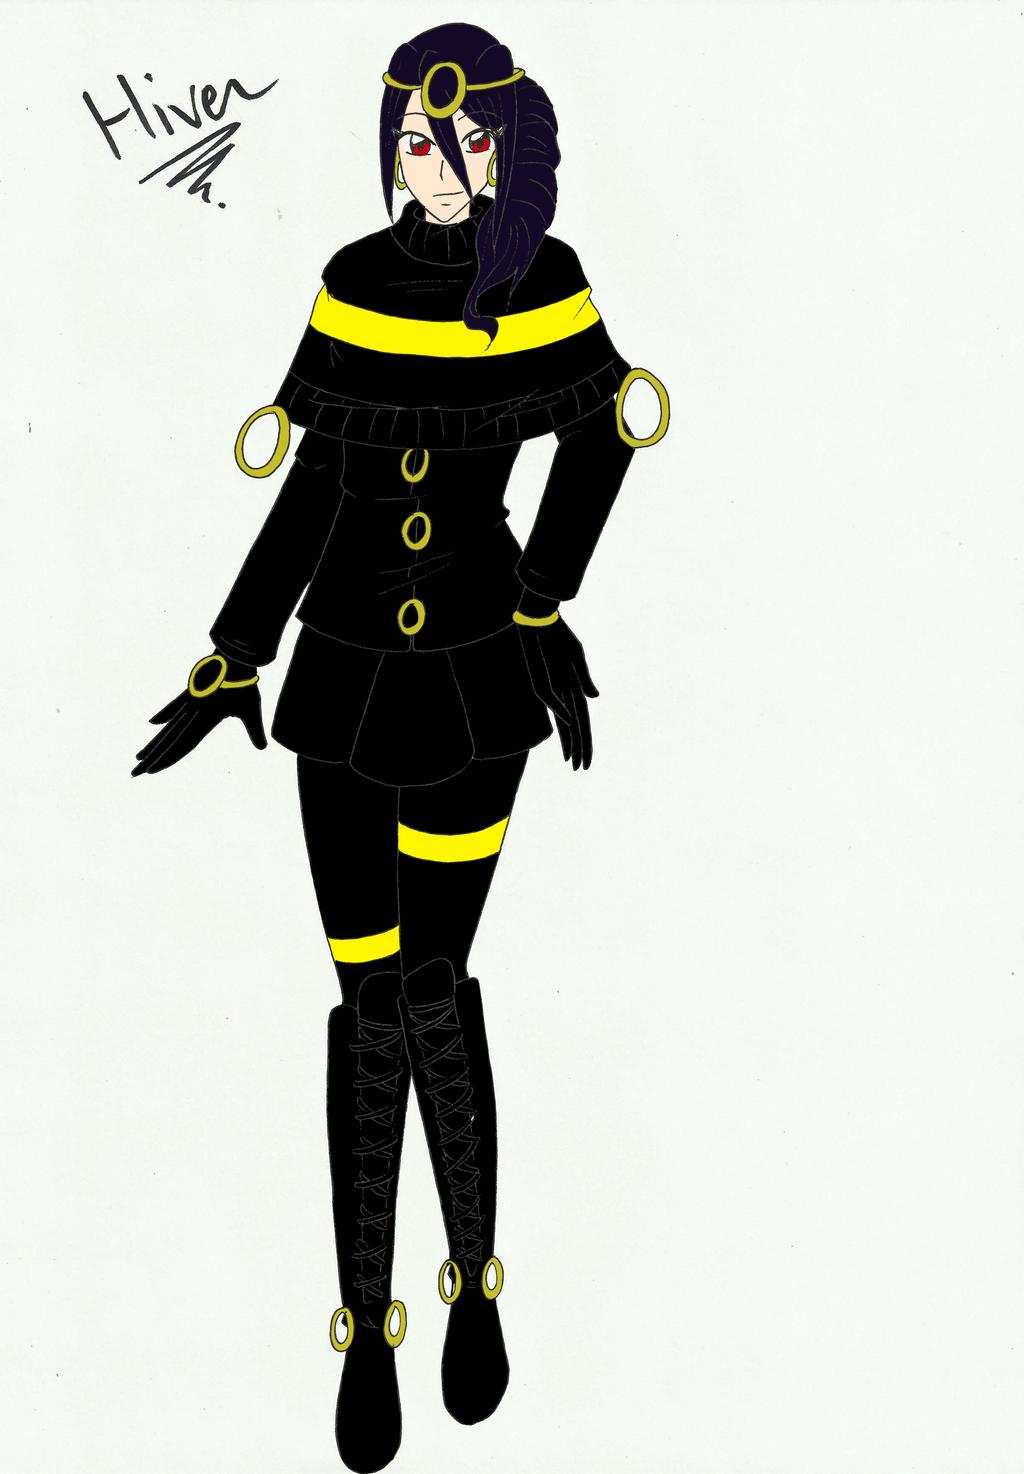 liz dress up 2 tenue d 39 hiver by japanzelda on deviantart. Black Bedroom Furniture Sets. Home Design Ideas